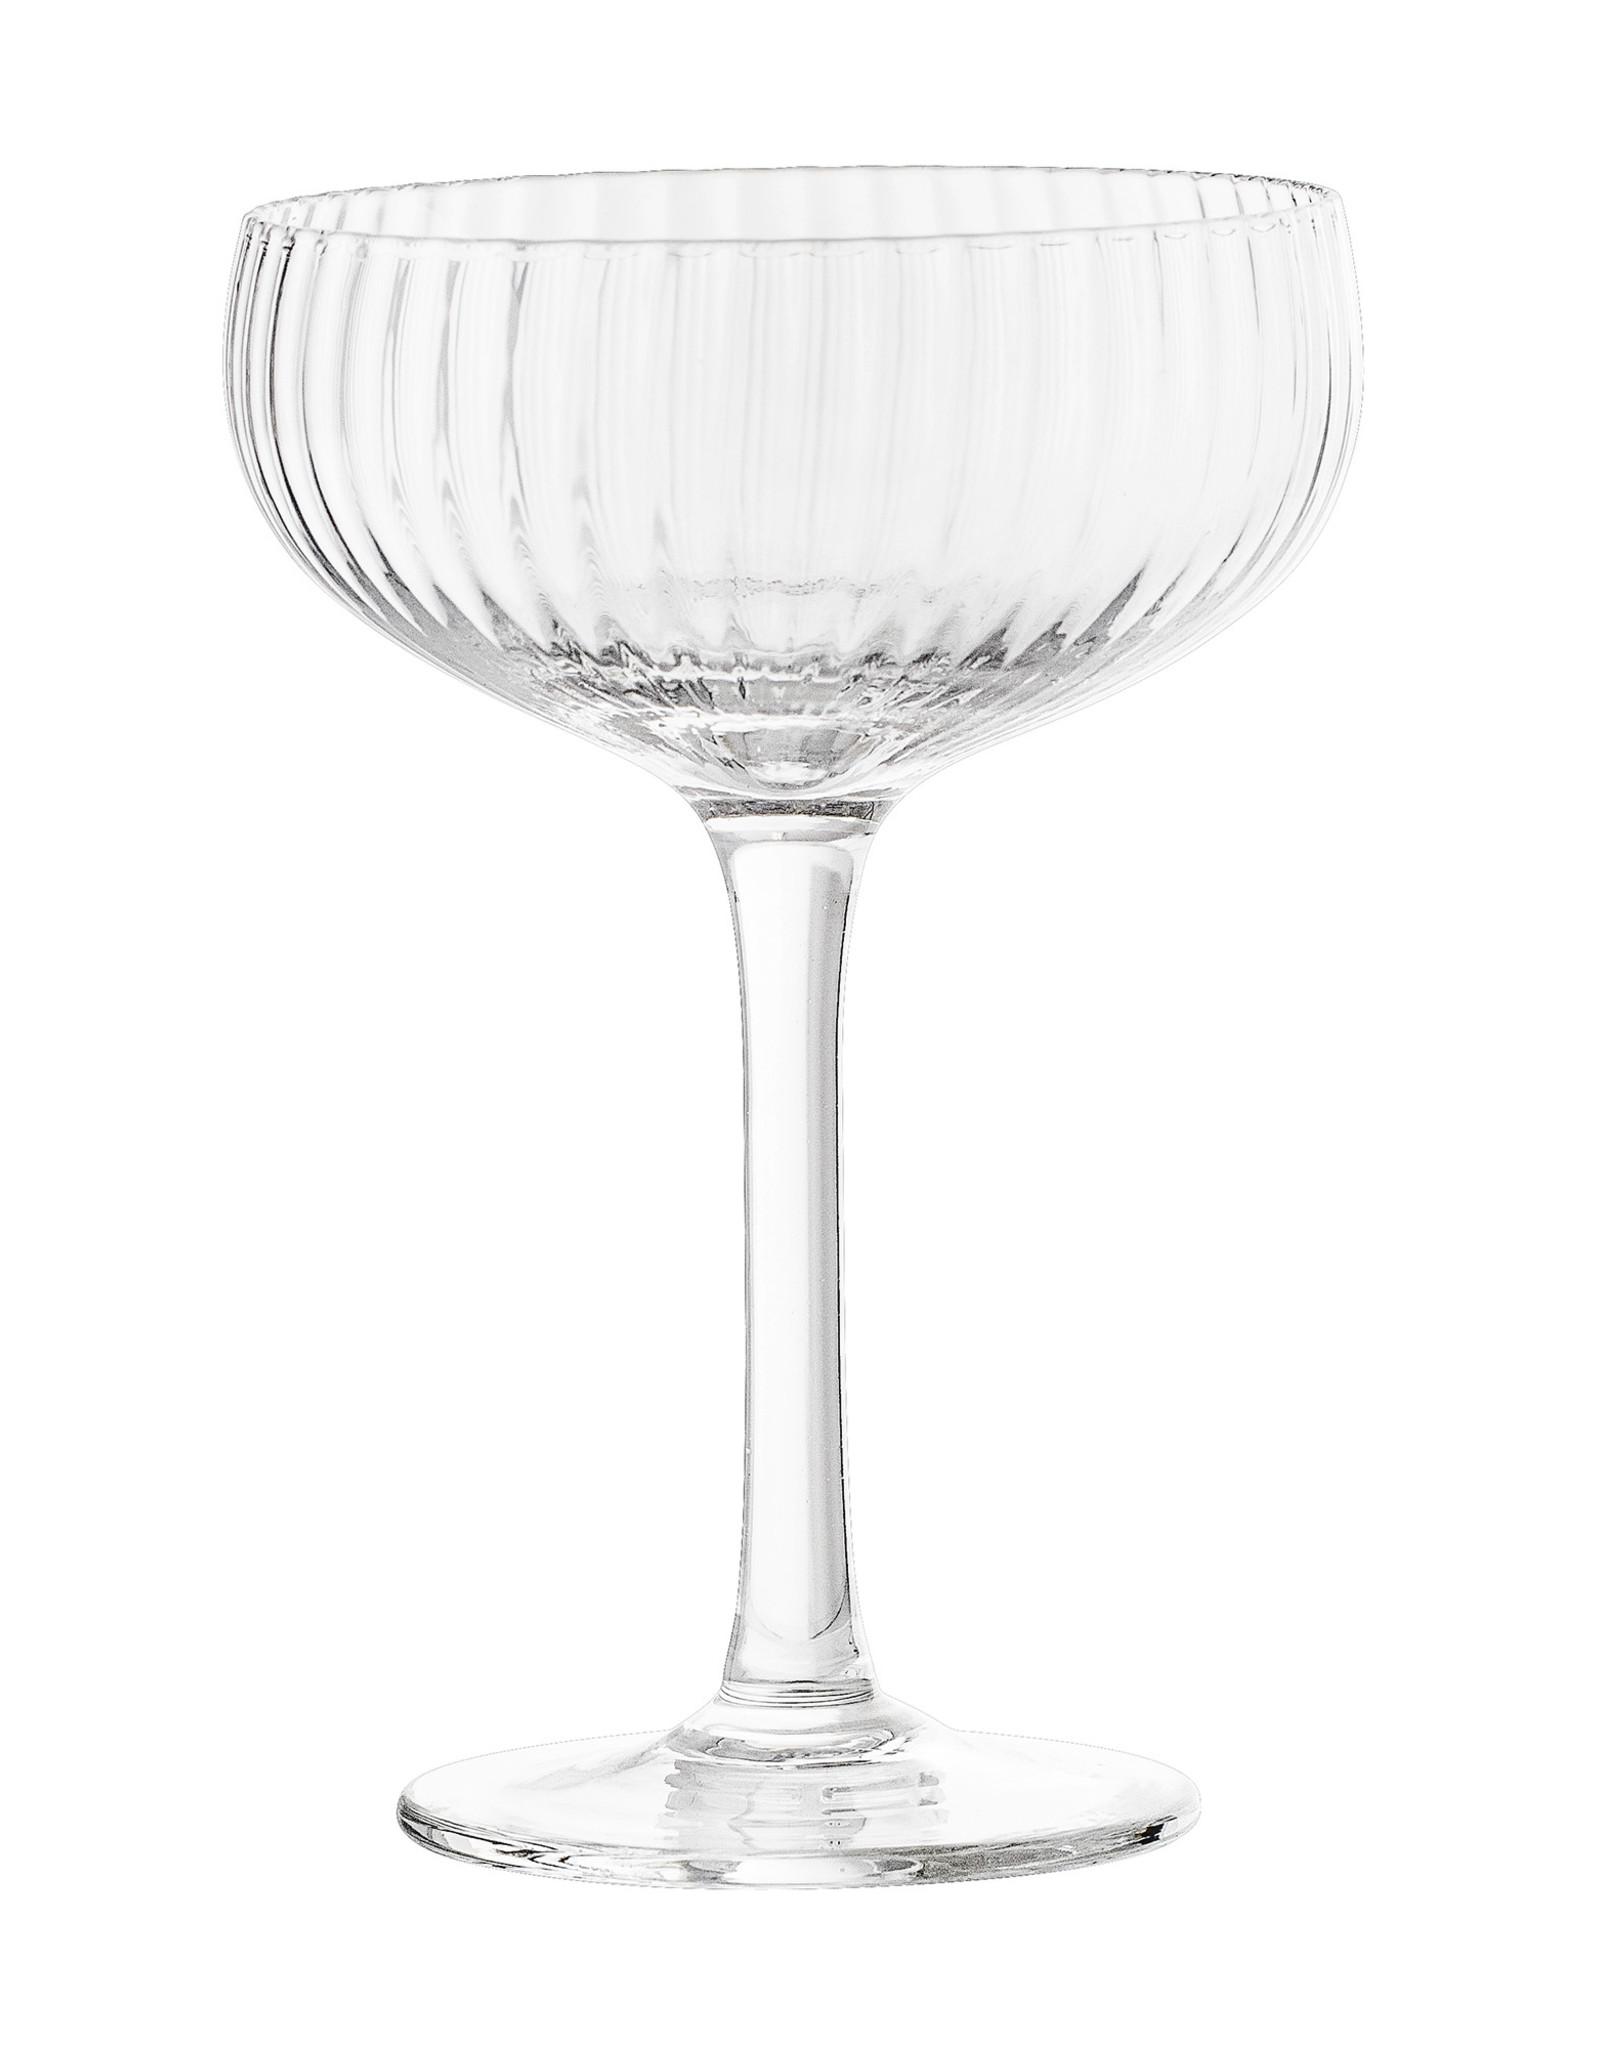 Bloomingville Bloomingville Astrid Champagnecoupe Helder Glas - Set van 6